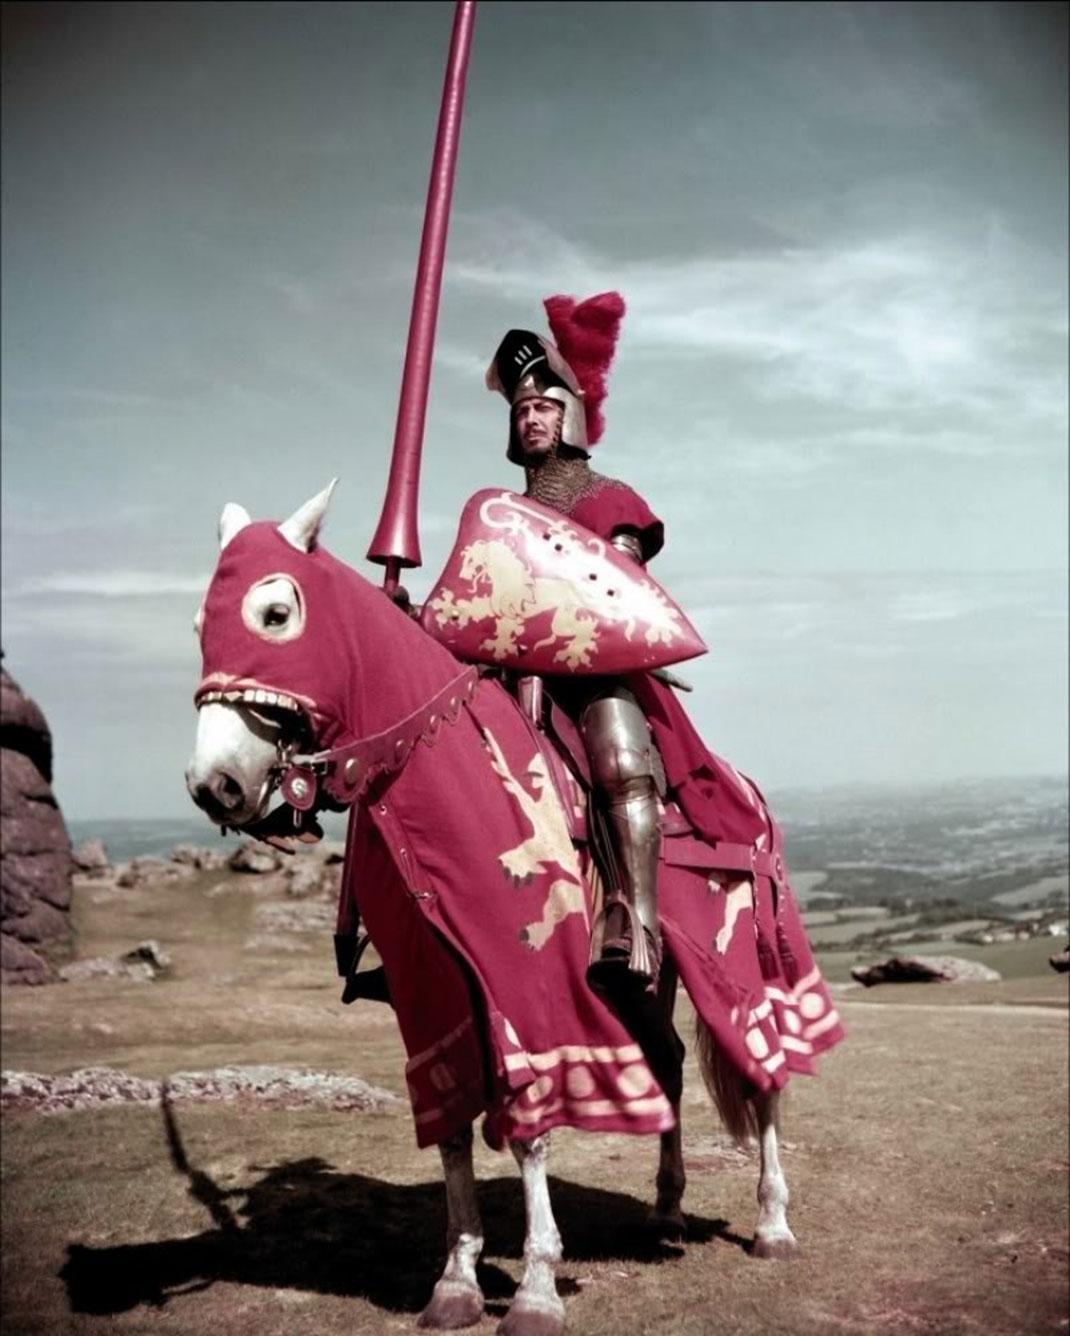 Entre magie et chevalerie revivez la l gende du roi arthur travers ces adaptations - Dessin anime chevalier de la table ronde ...